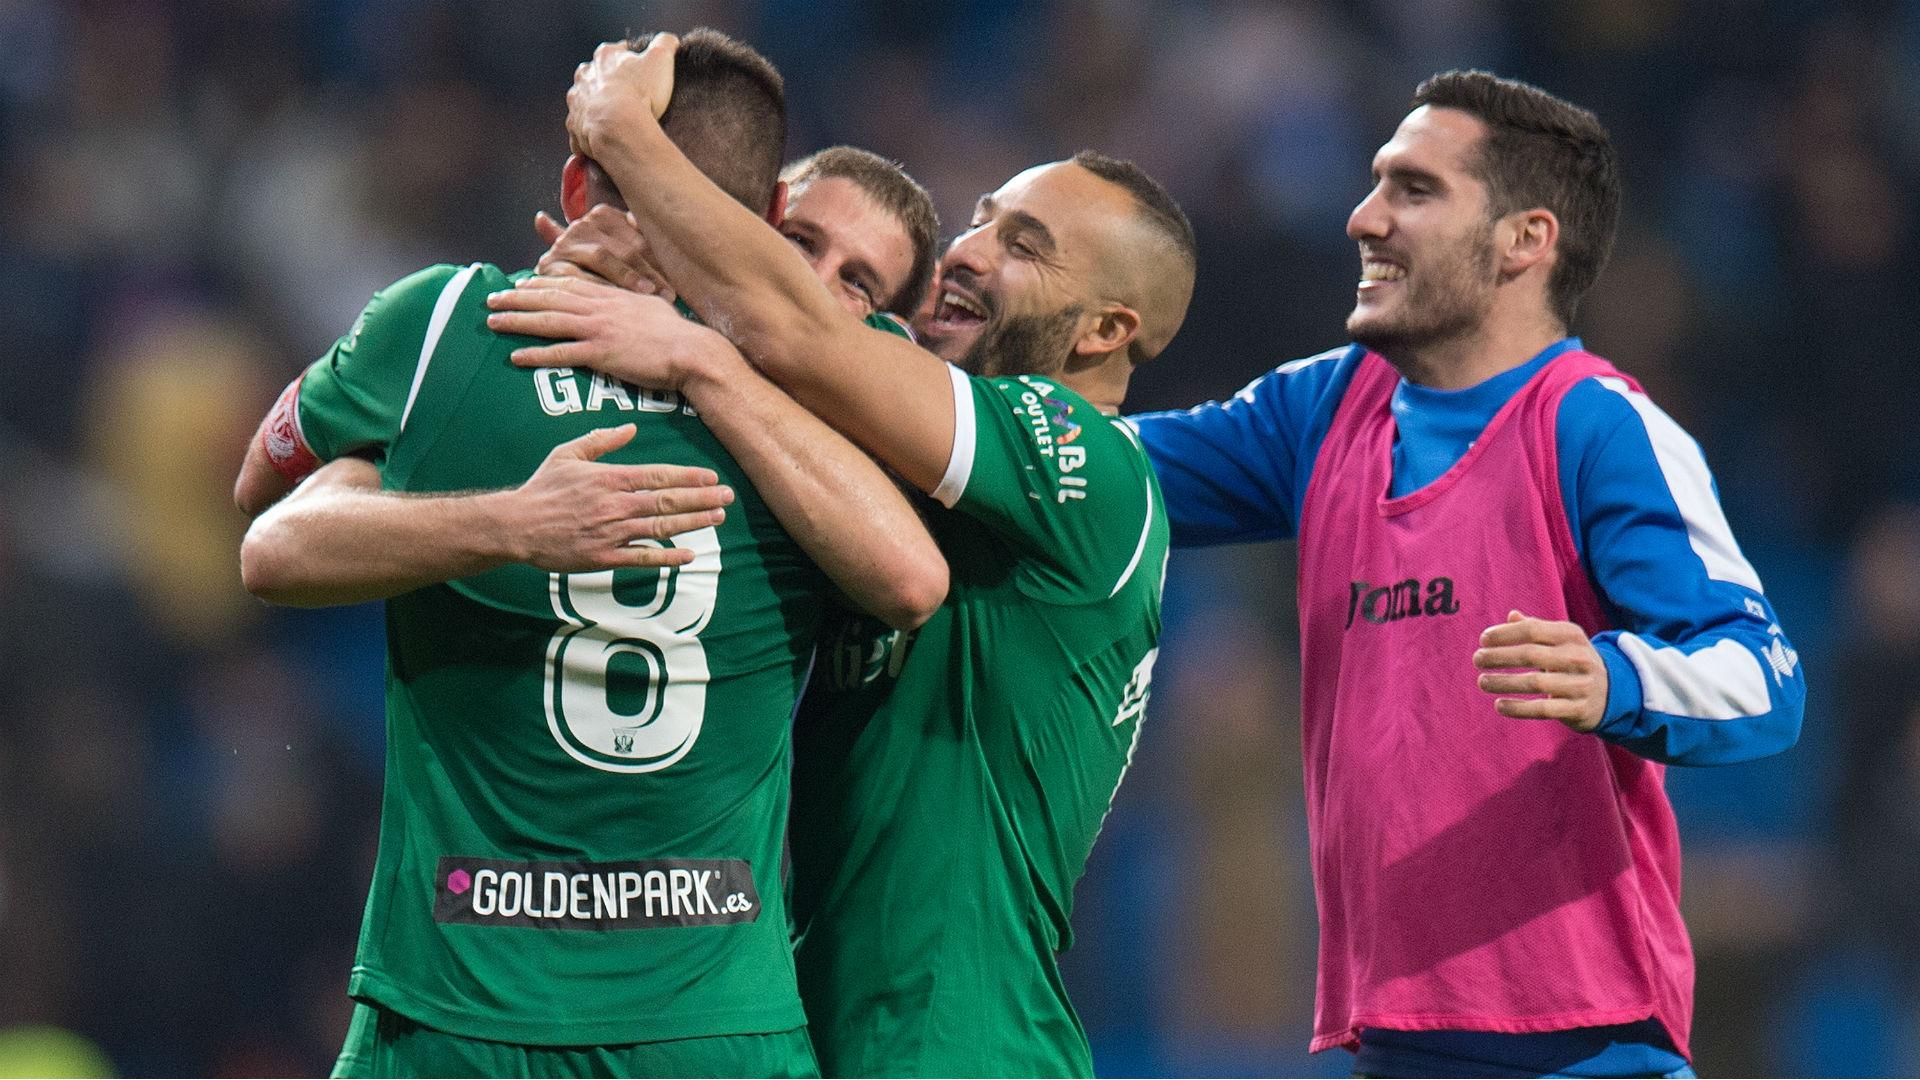 Gabriel Appelt Real Madrid Leganes